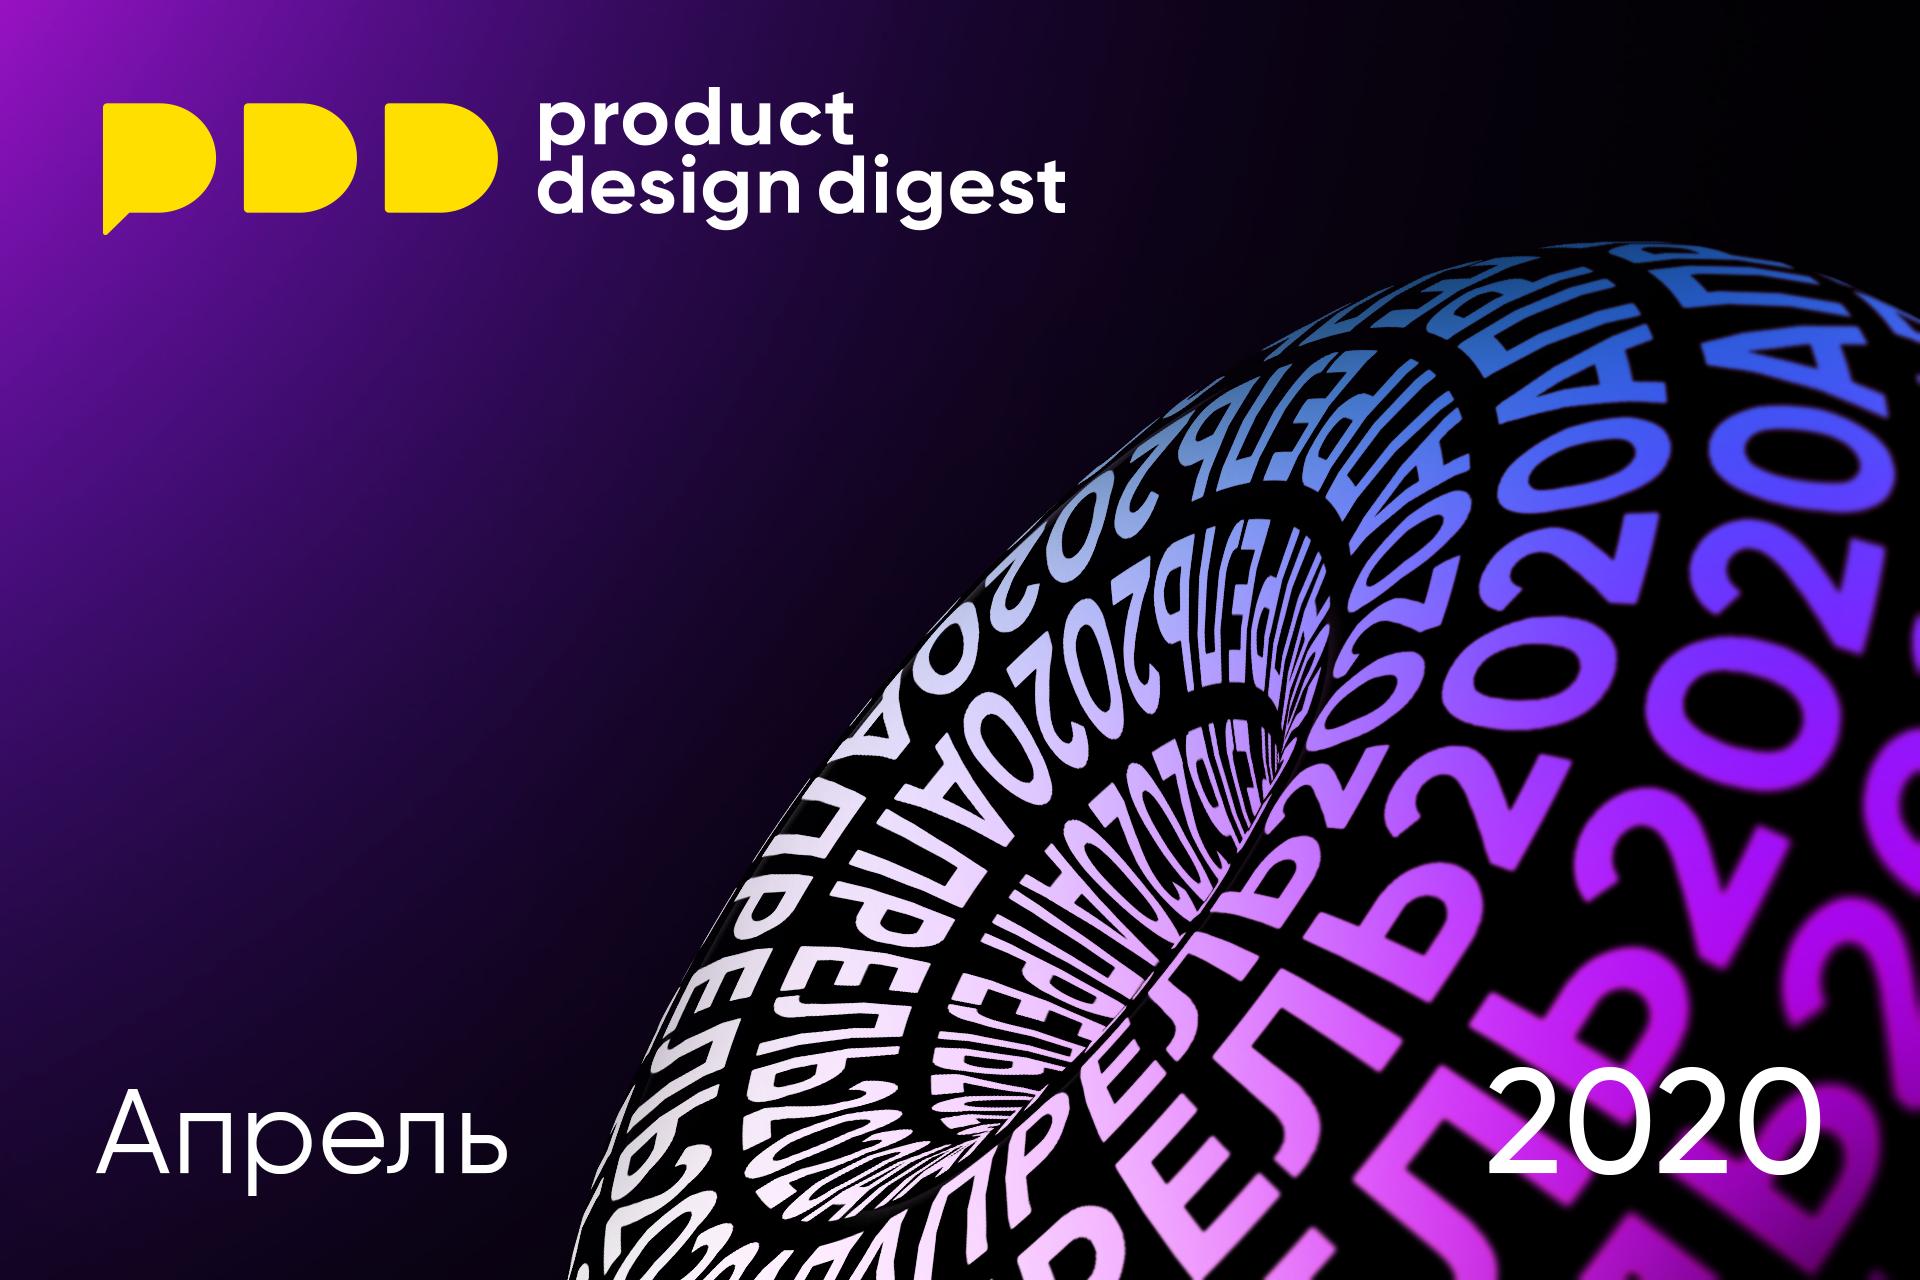 Дайджест продуктового дизайна, апрель 2020